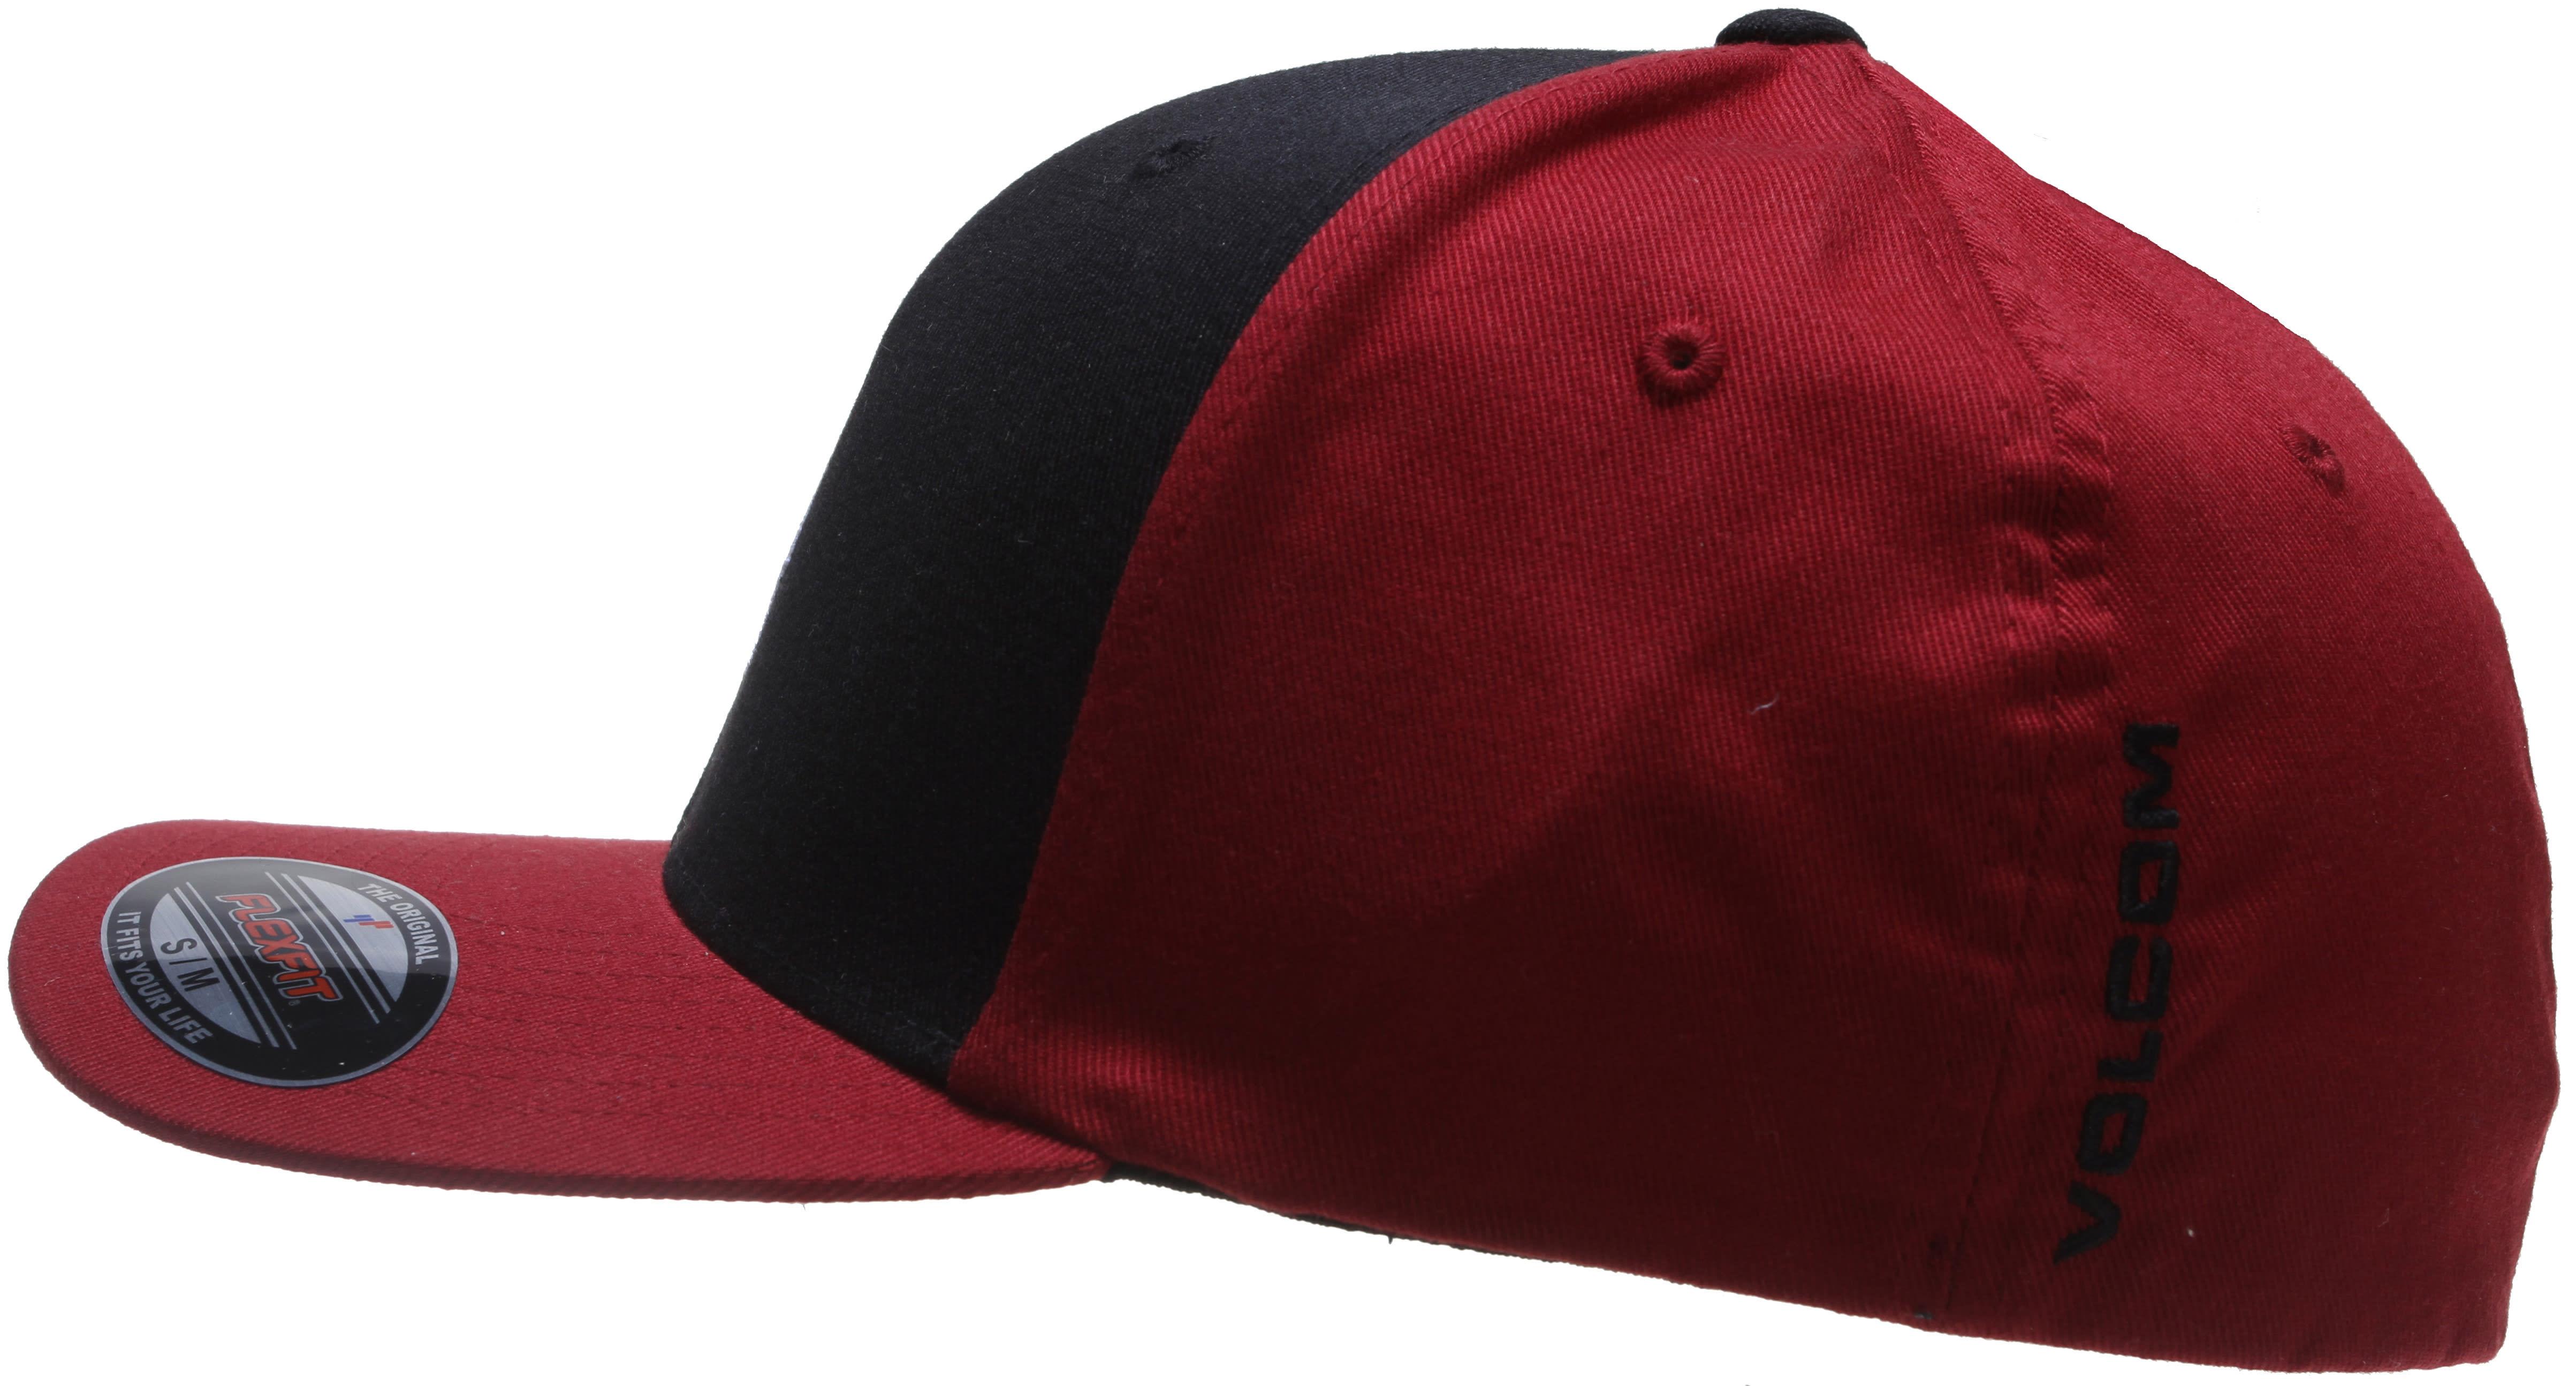 low price volcom full stone xfit cap 34cdb 45716 a0d597885dab